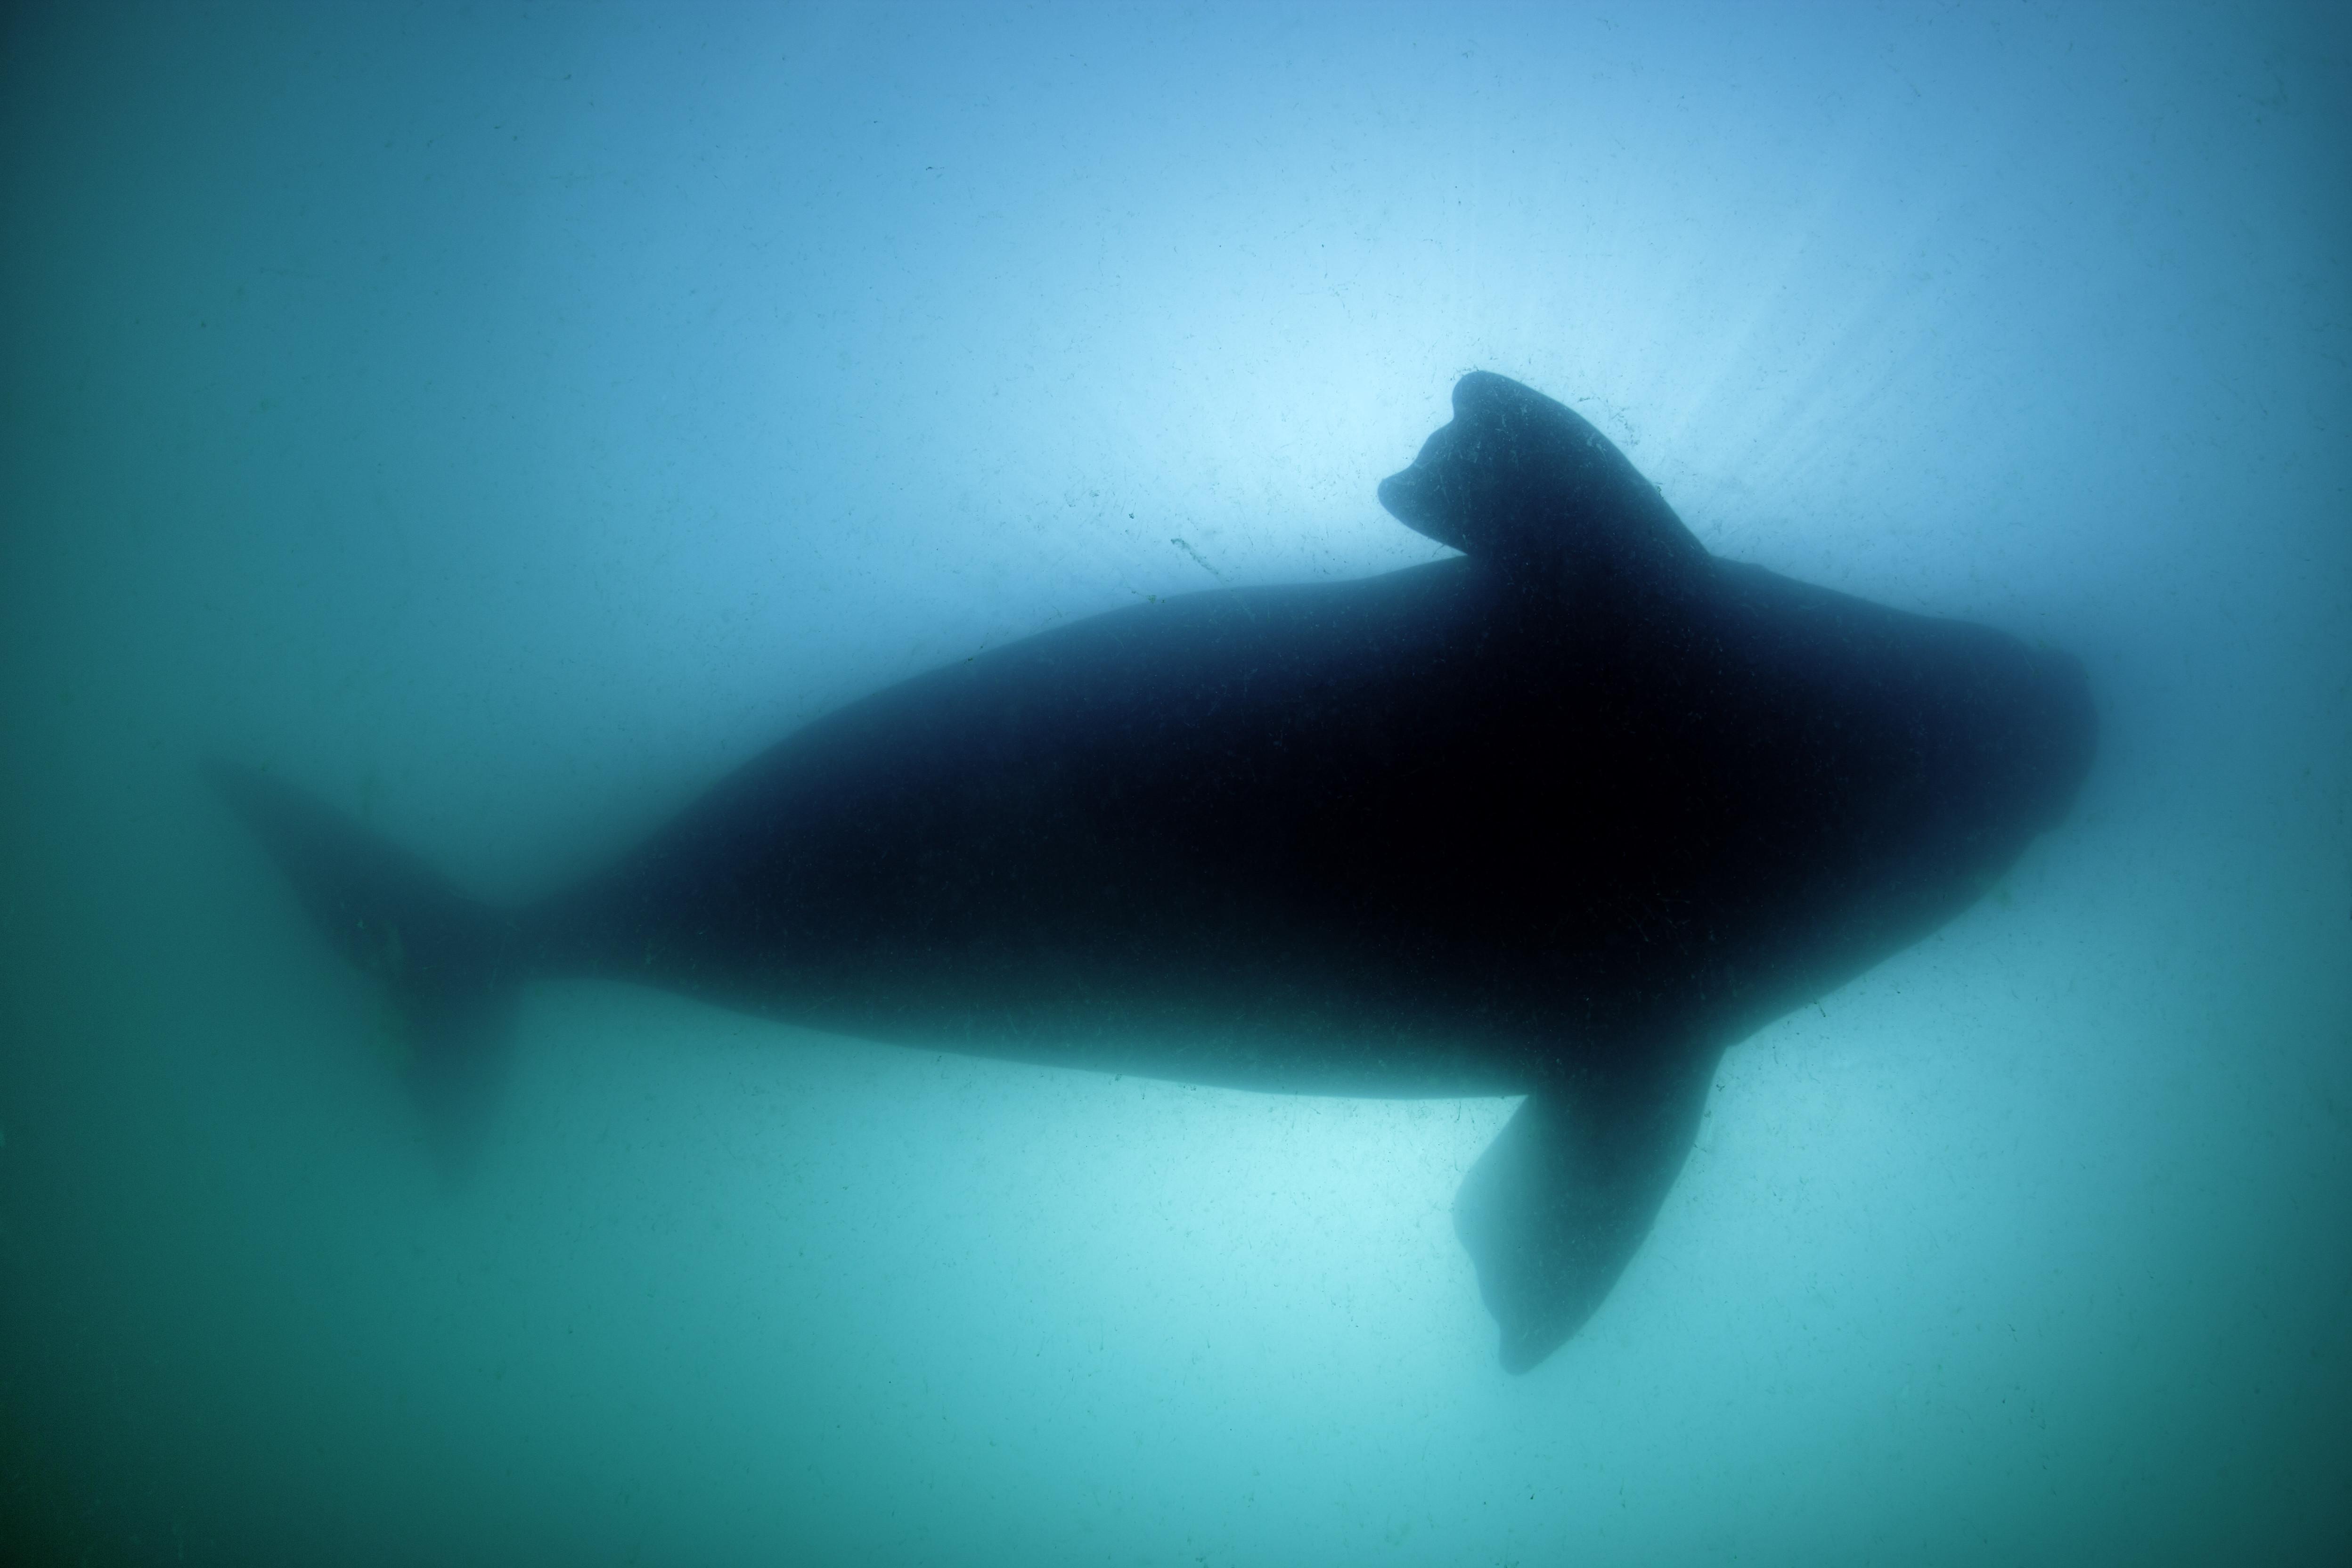 Halászhálóba gabalyodott egy bálnabébi az olasz partoknál, az anyja megpróbálta megmenteni, mindketten elpusztultak